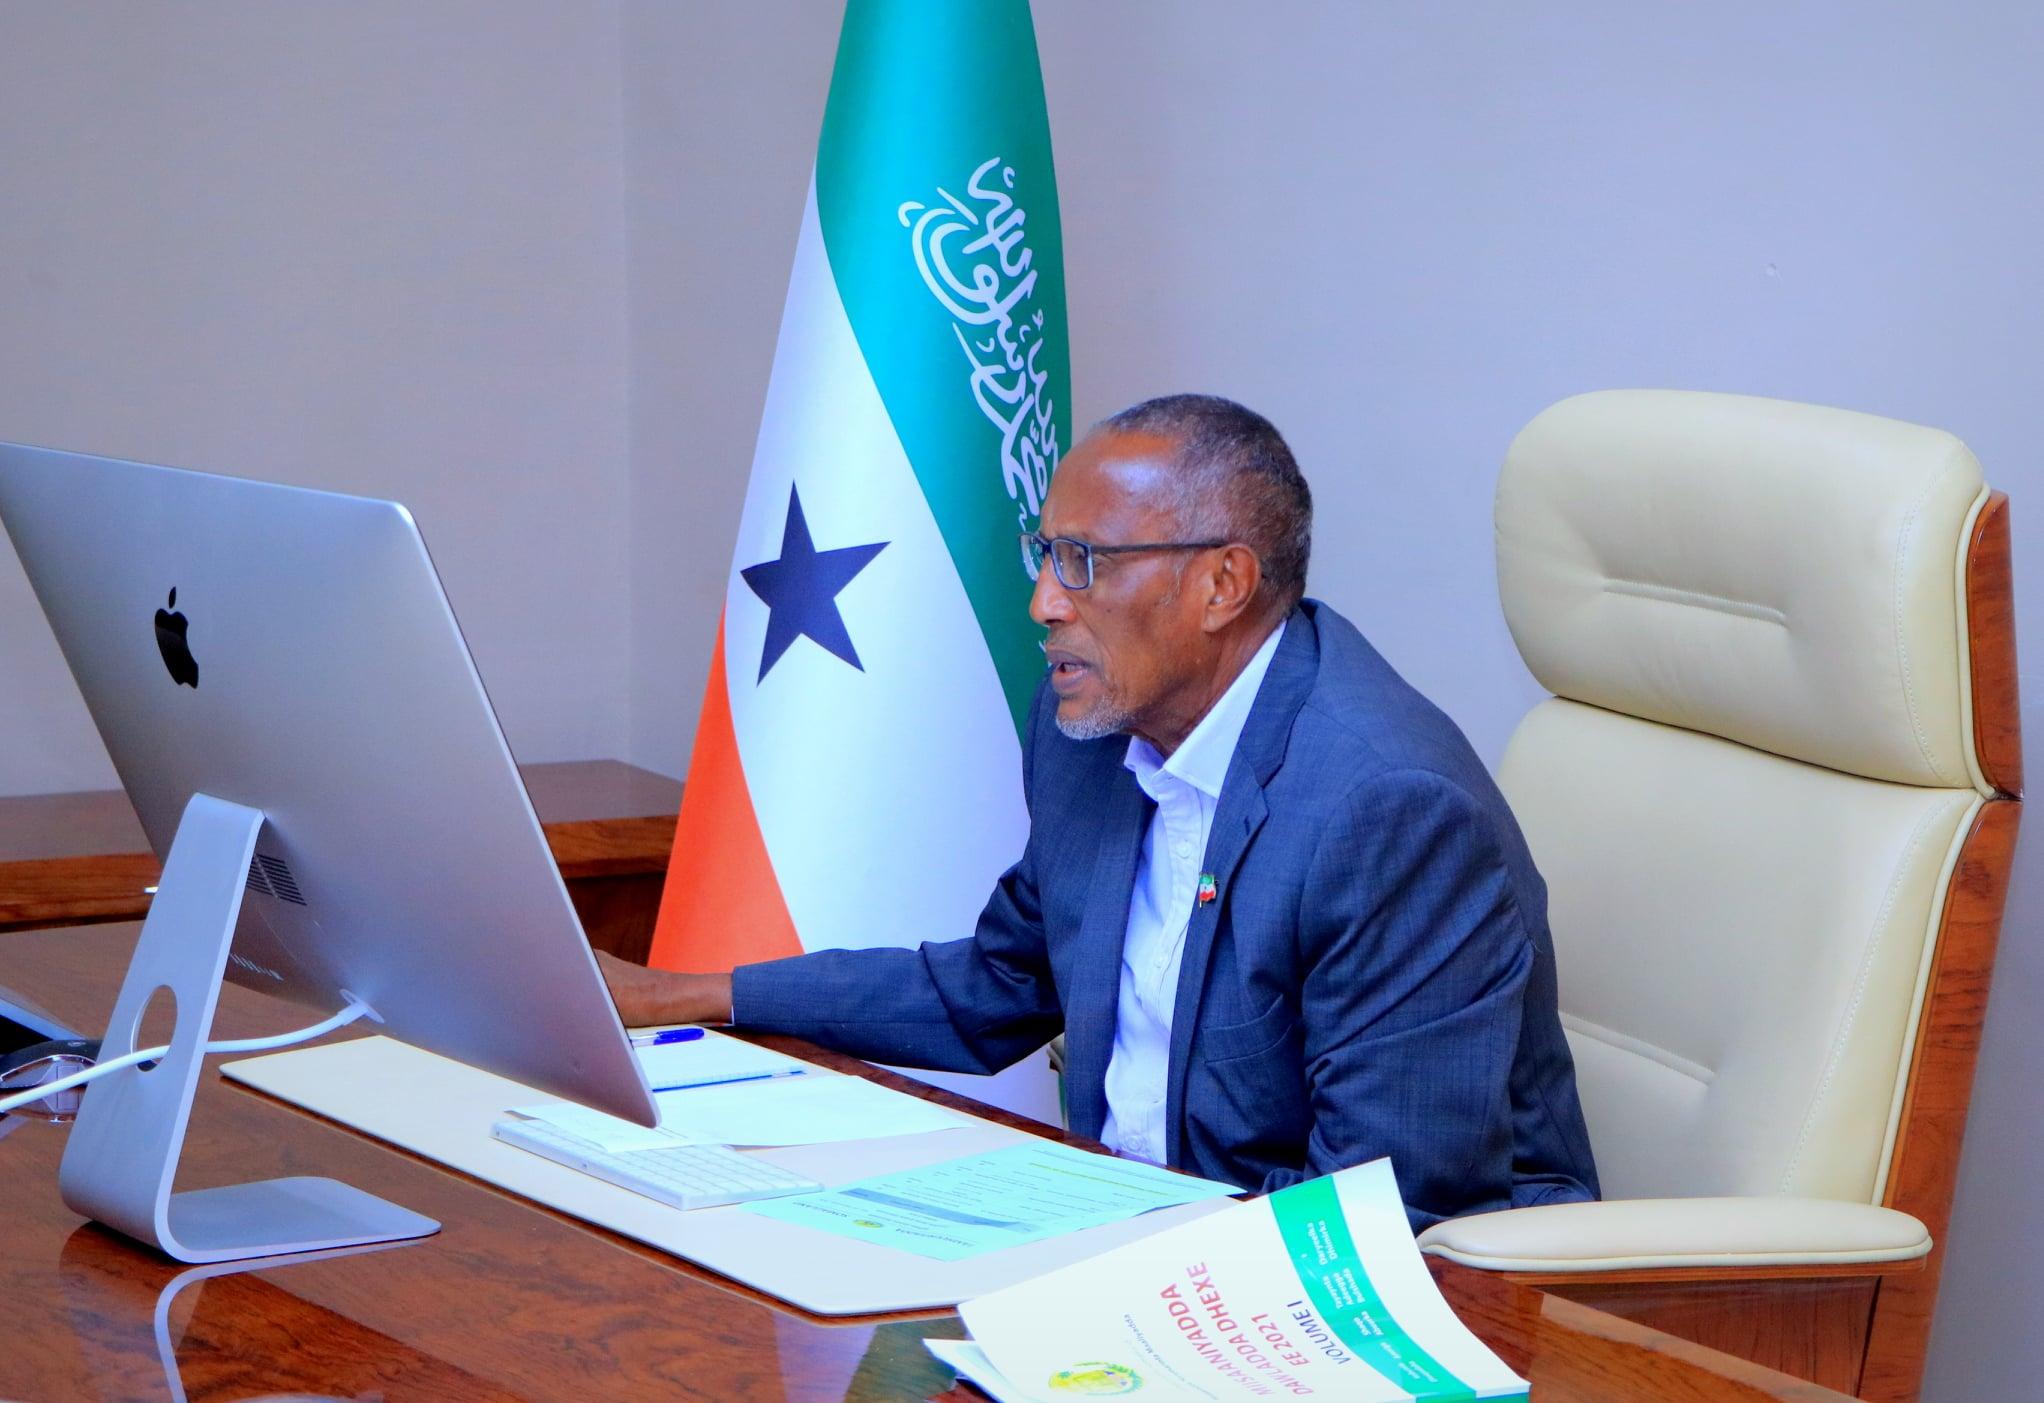 Golaha Wasiirrada Somaliland Oo La Horkeenay Miisaaniyad Sannadeedka 2021.